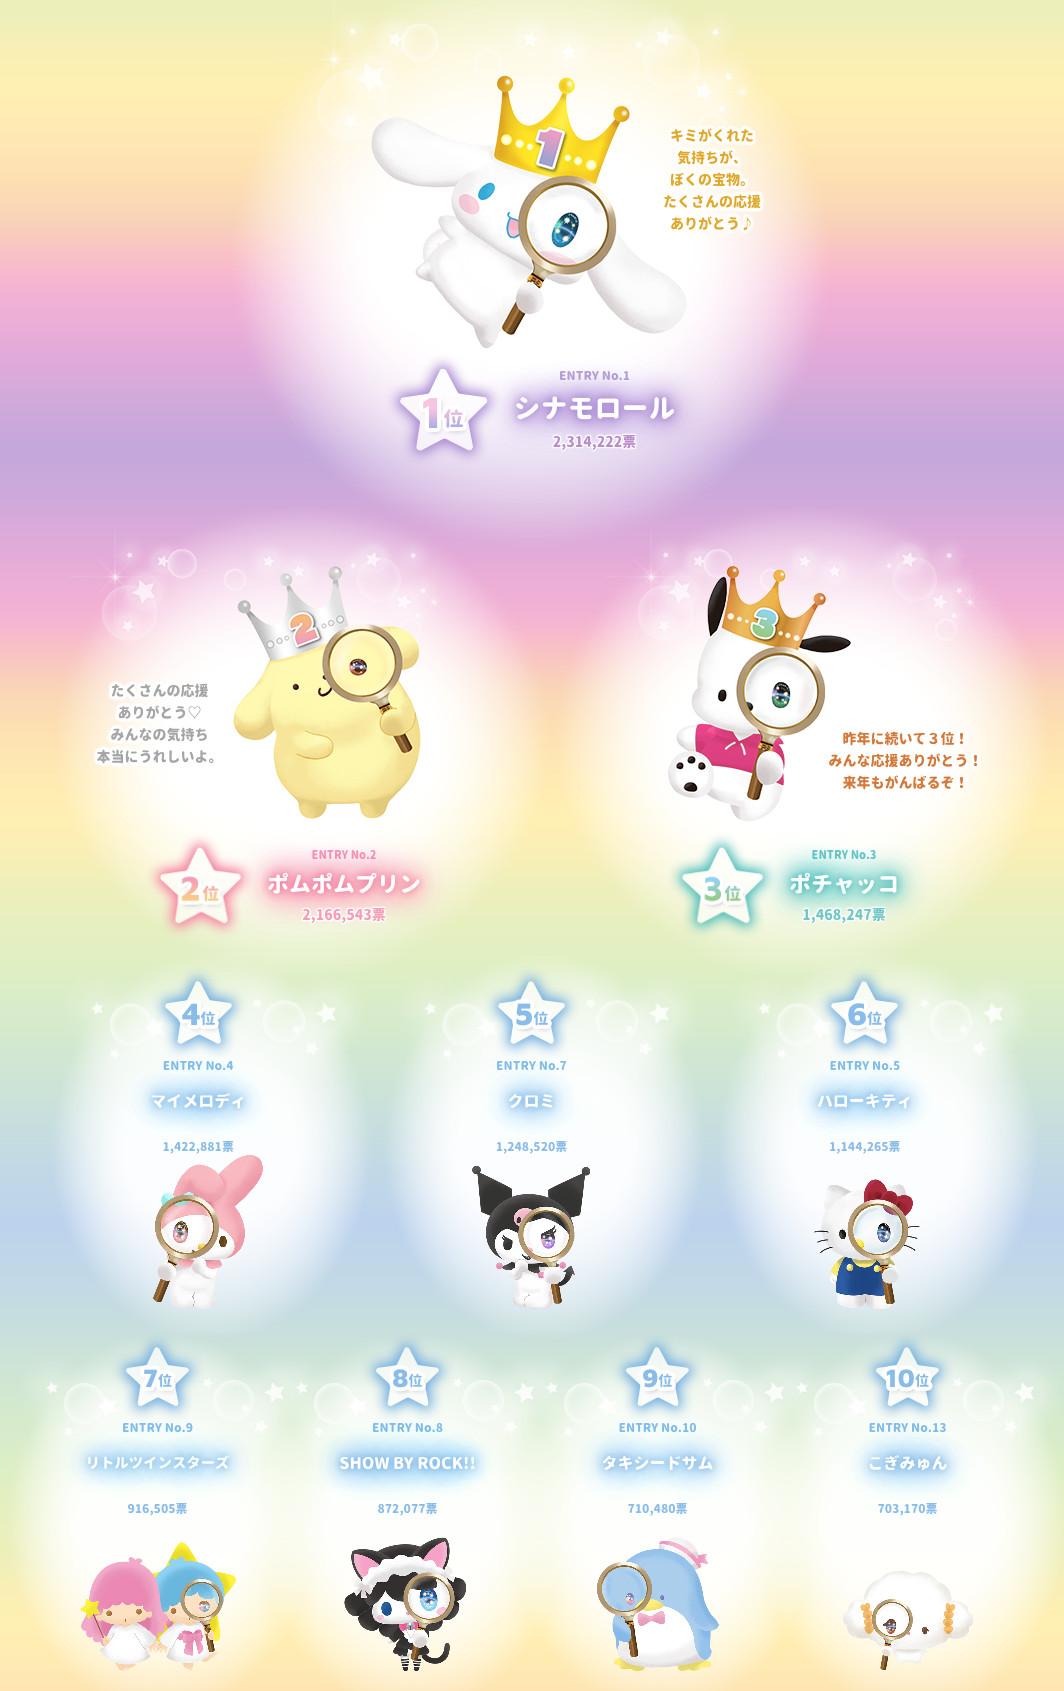 2021年のサンリオキャラクター大賞ベスト10(総合順位)